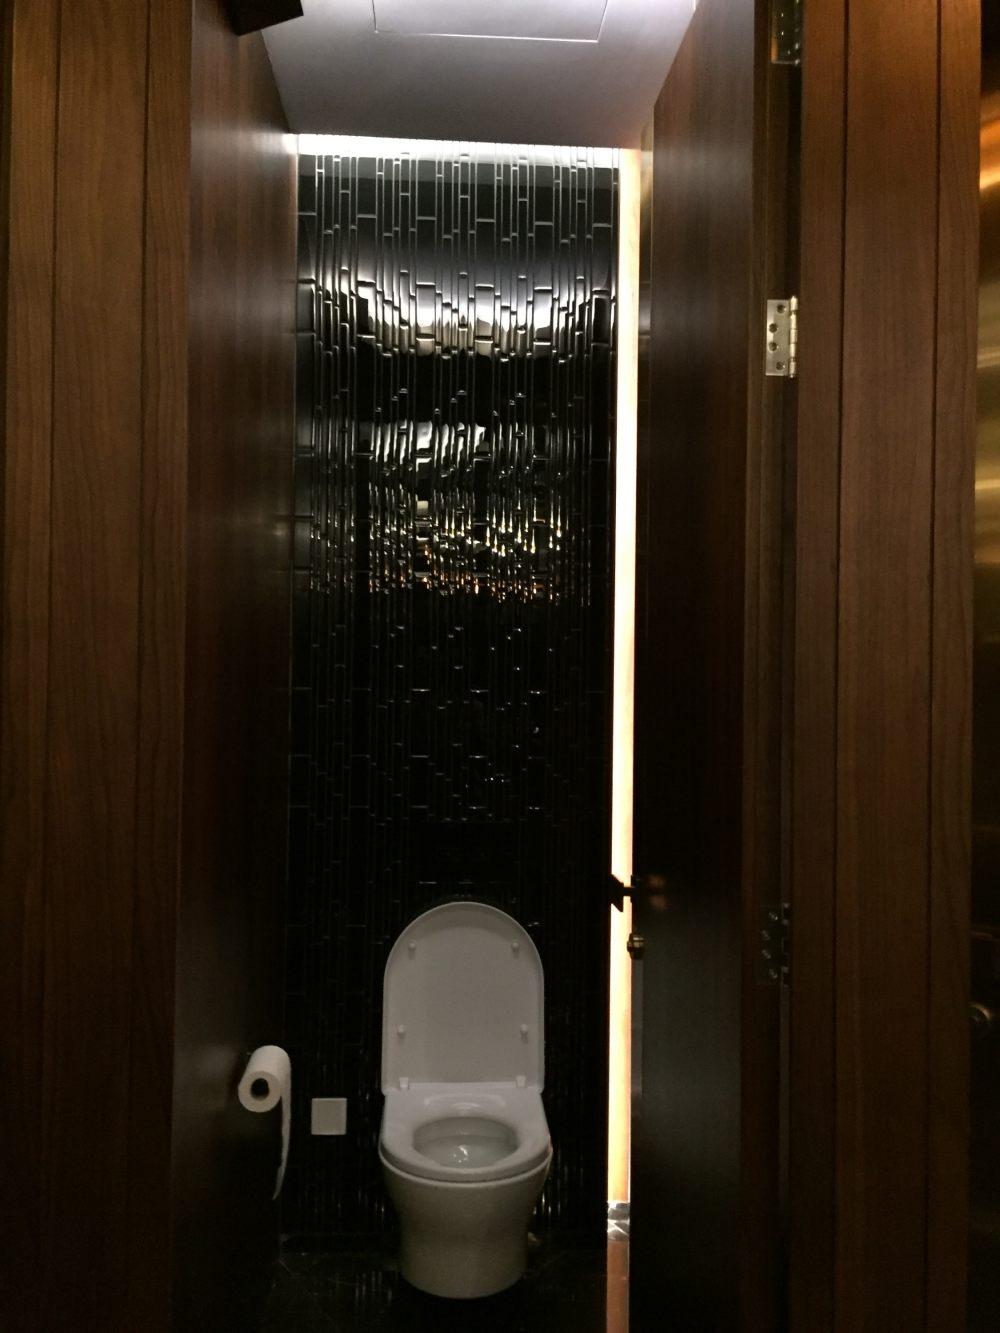 上海外滩W酒店,史上最全入住体验 自拍分享,申请置...._IMG_6095.JPG